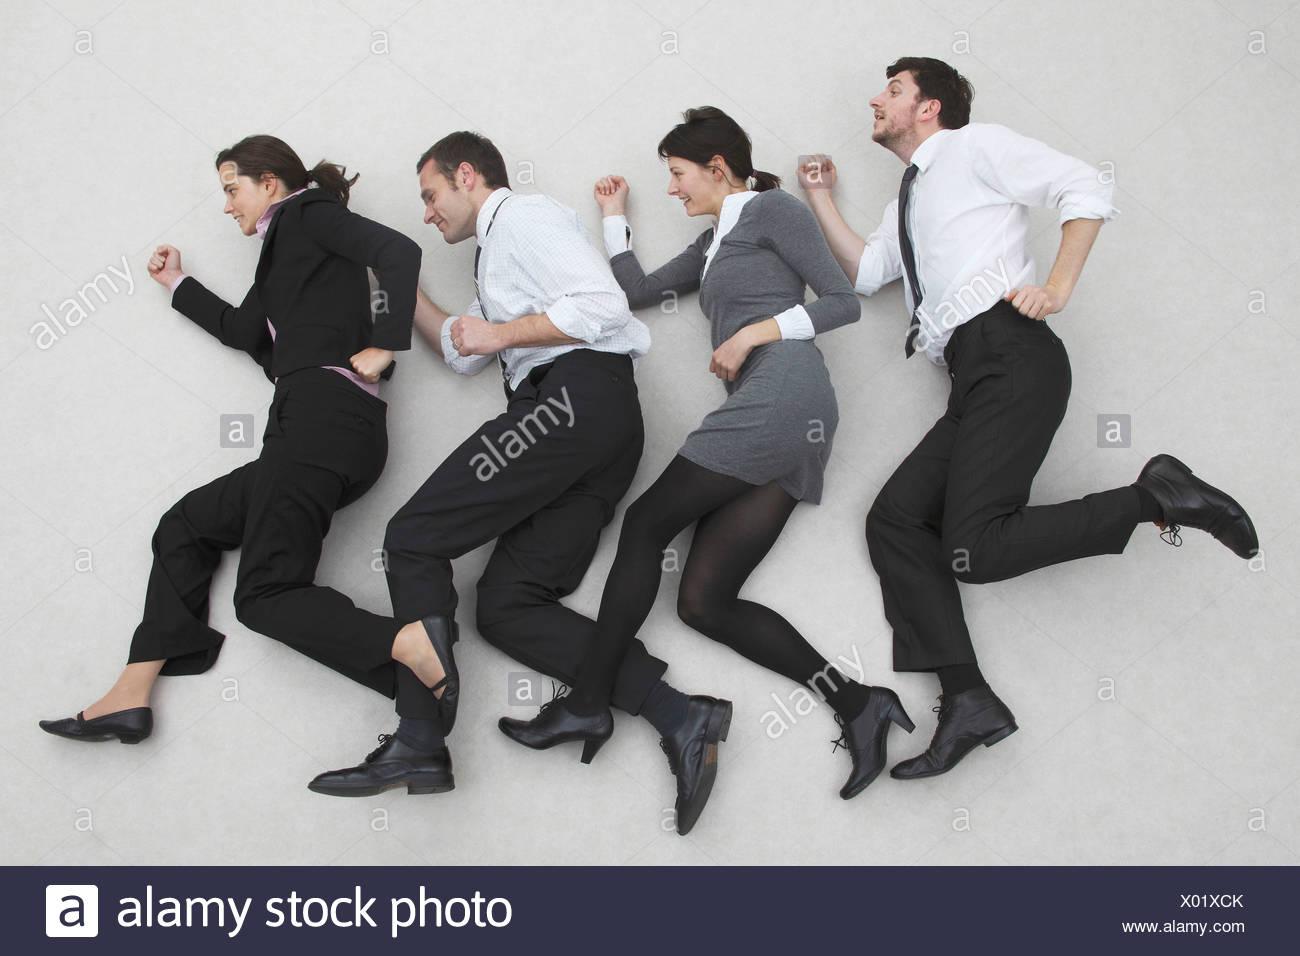 Los trabajadores de oficina en línea, vista lateral, vertical, vista elevada Foto de stock